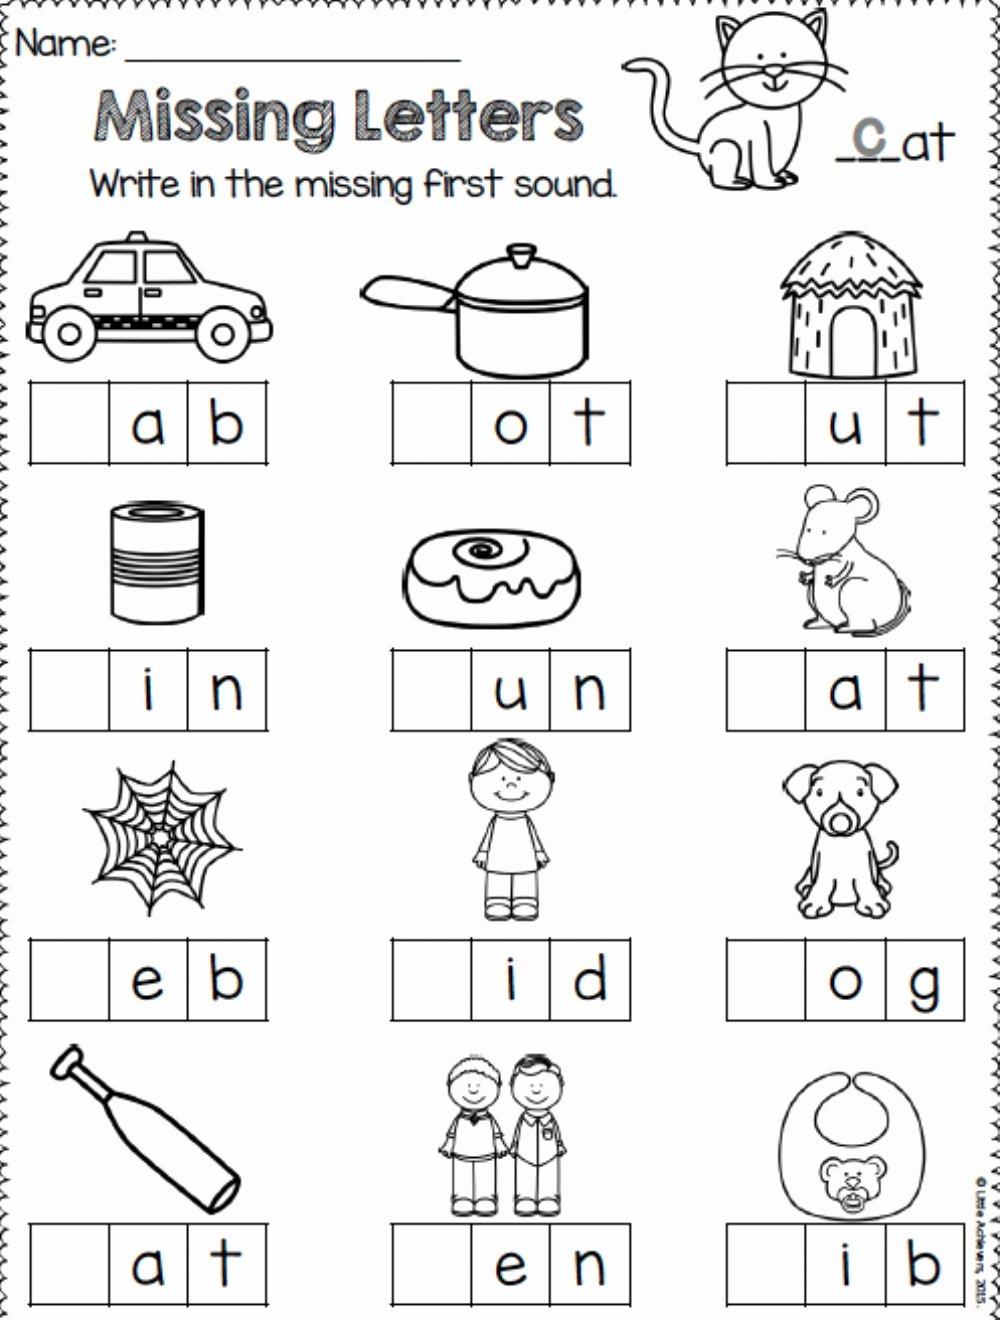 Missing Letter Worksheets for Kindergarten Ideas Missing Letters Interactive Worksheet